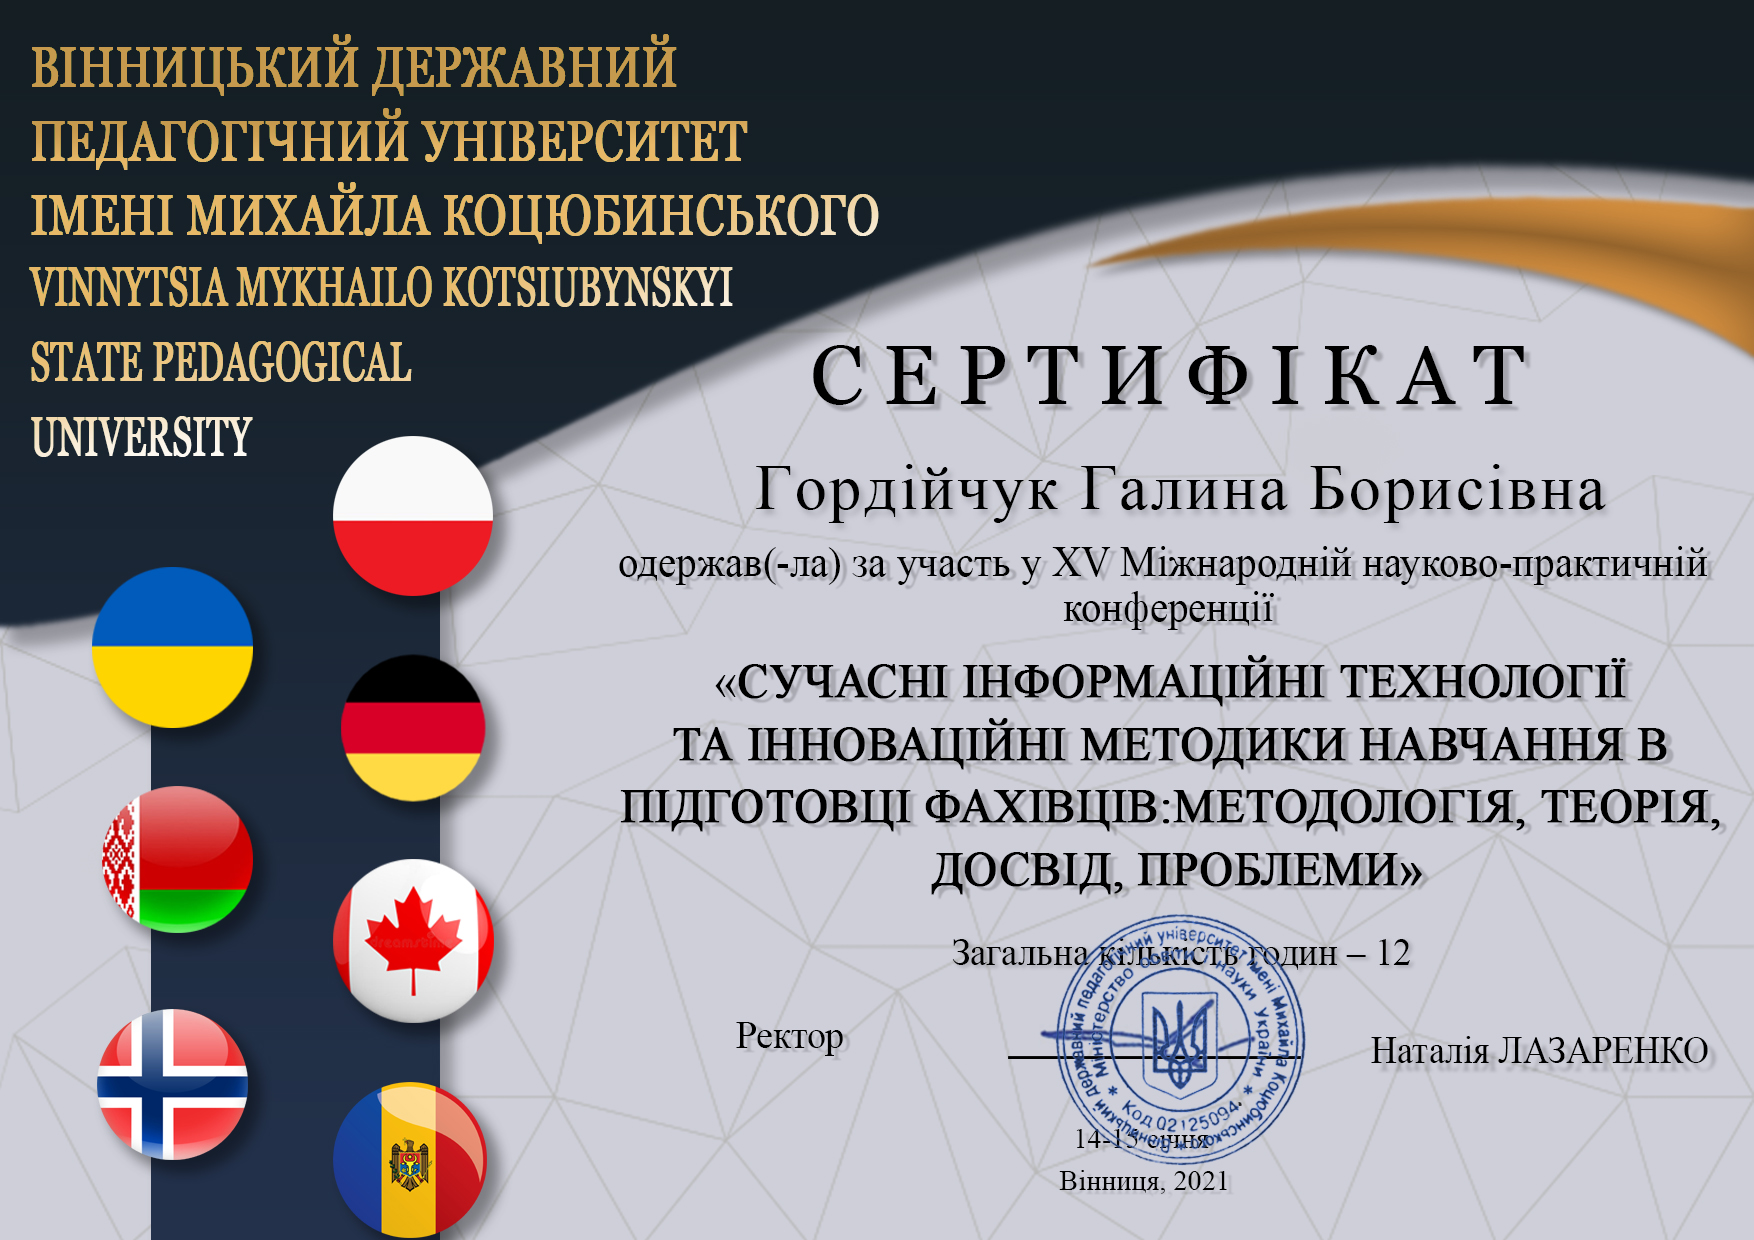 Гордійчук Гaлина Борисівна